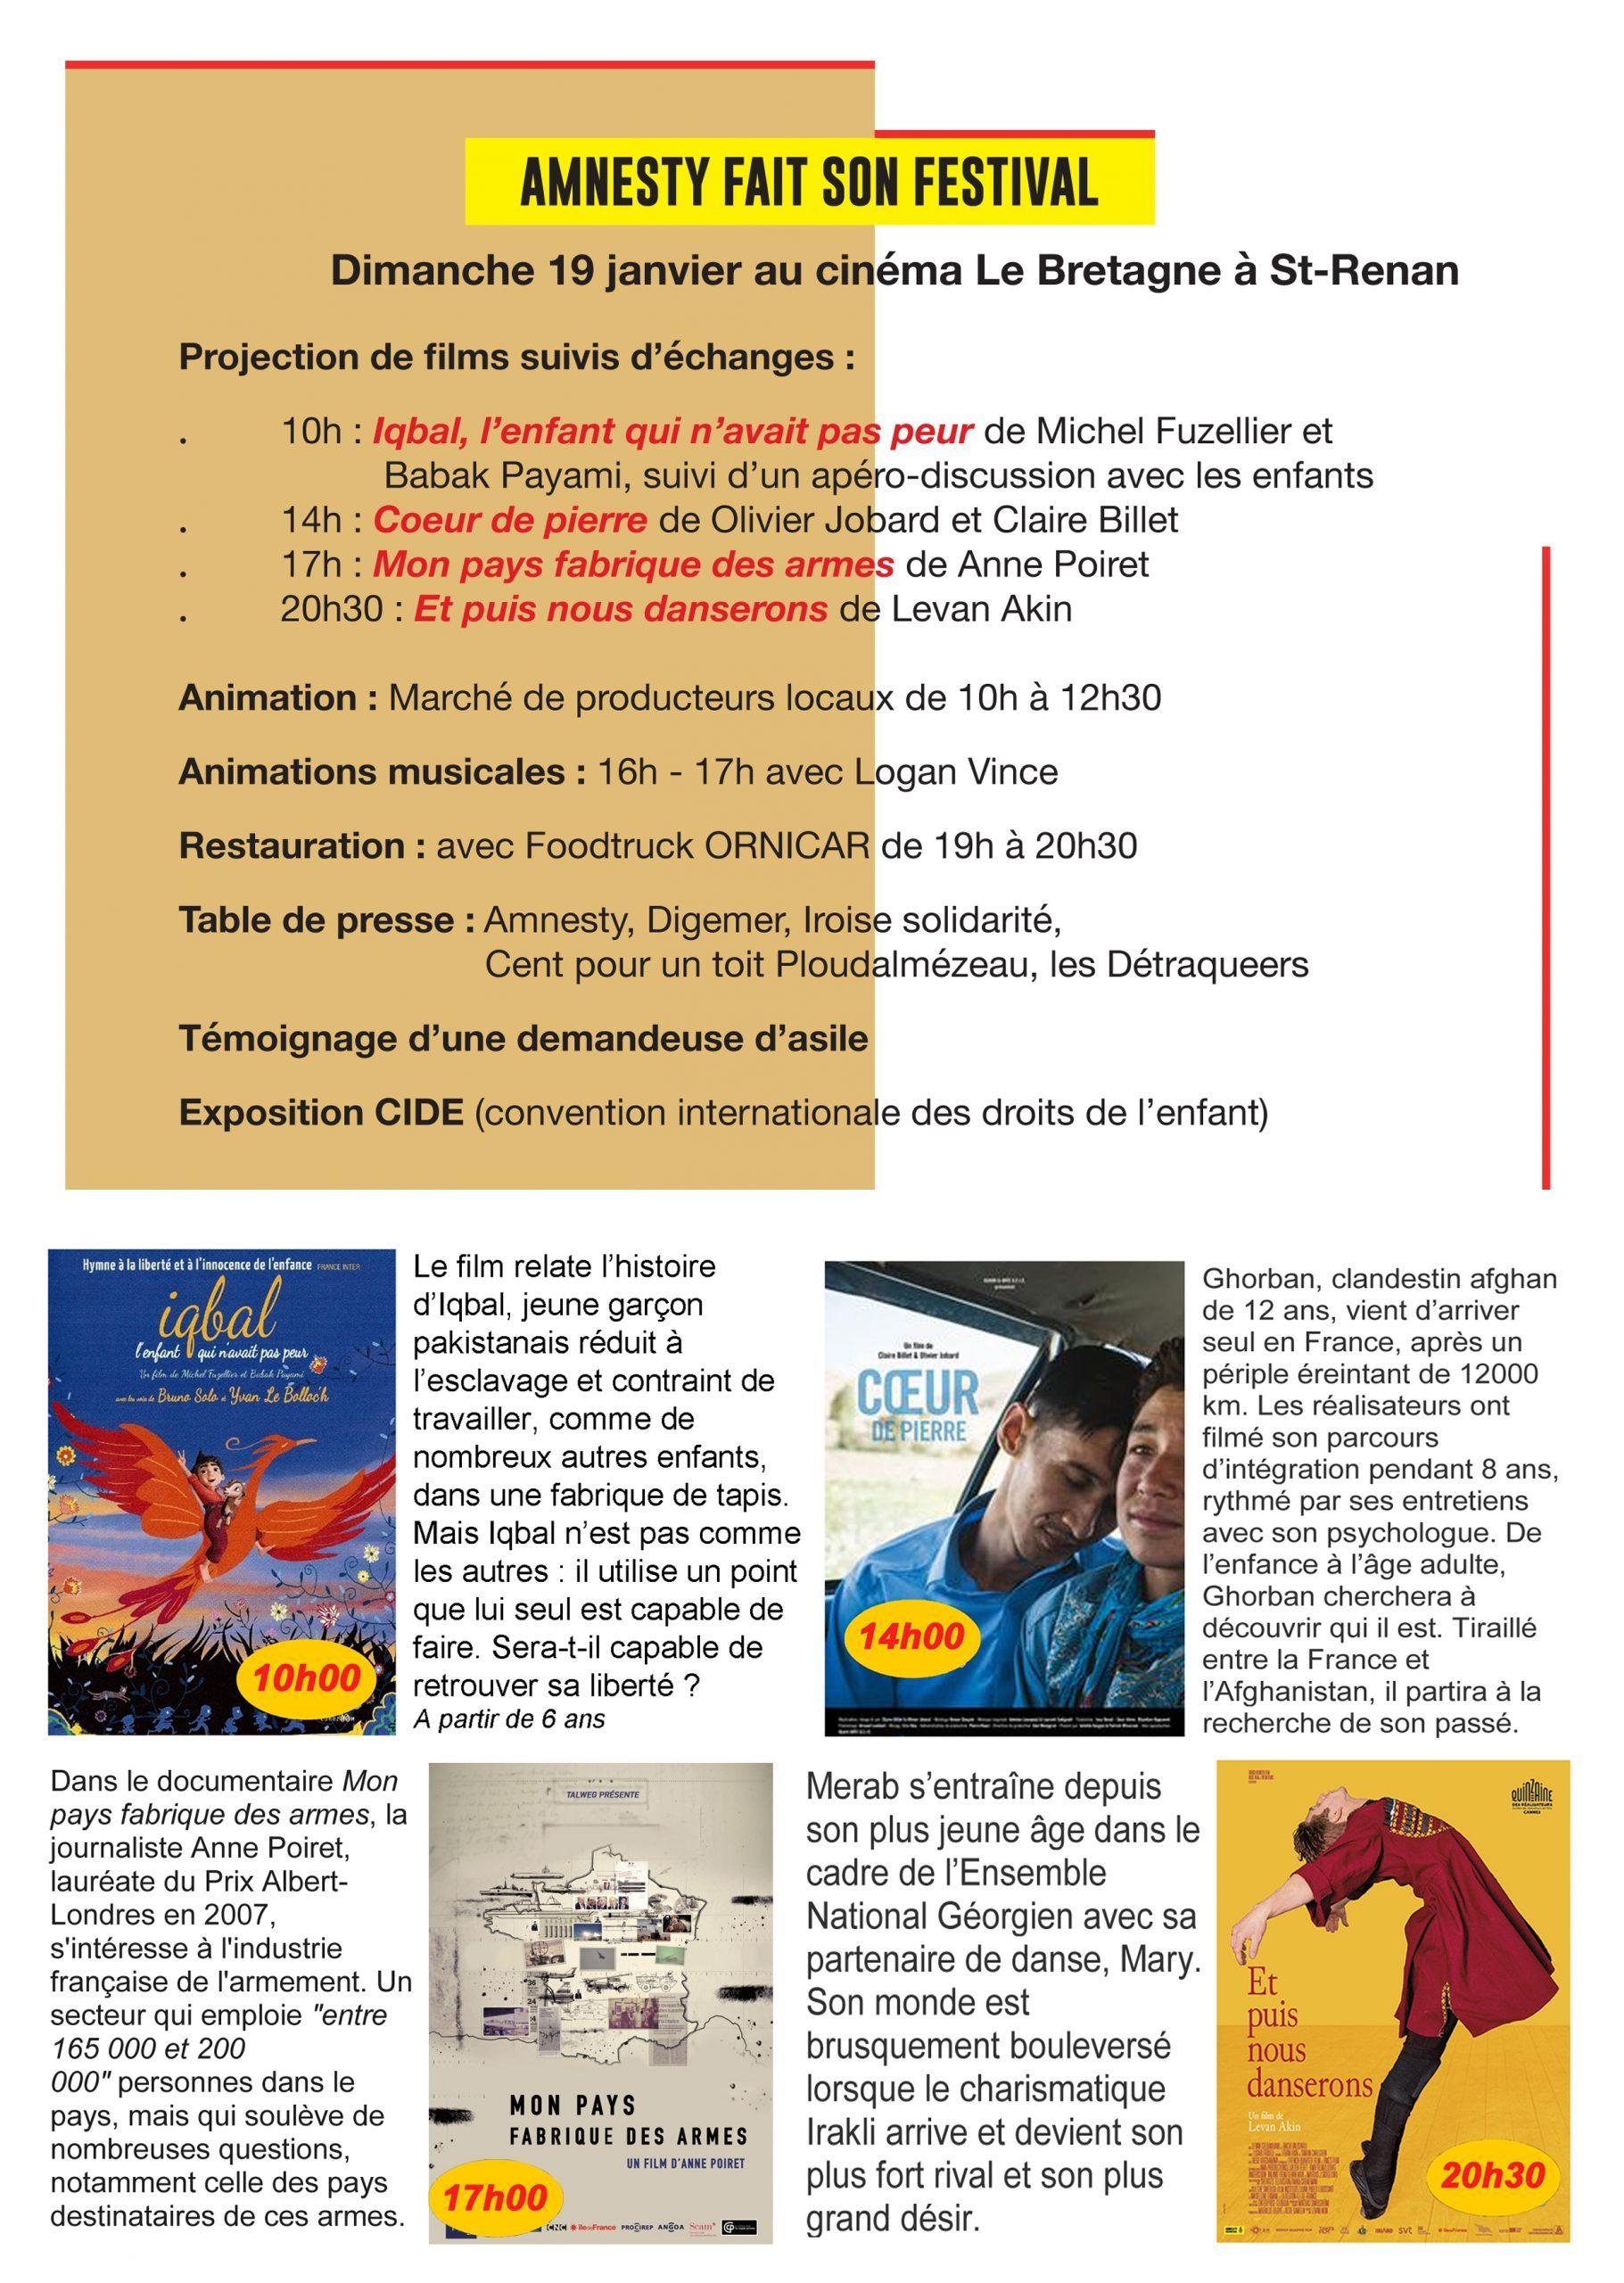 Amnesty fait son festival, Cinéma Le Bretagne à St-Renan